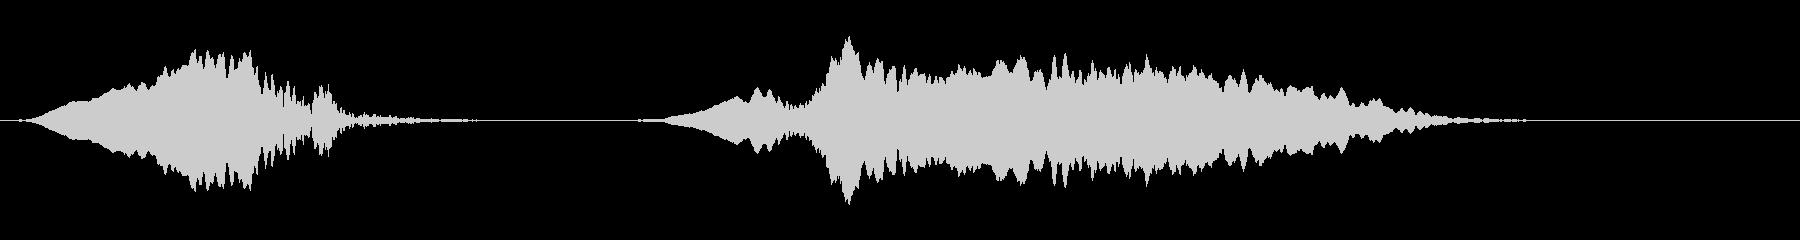 音楽効果;男性のステレオタイプのオ...の未再生の波形